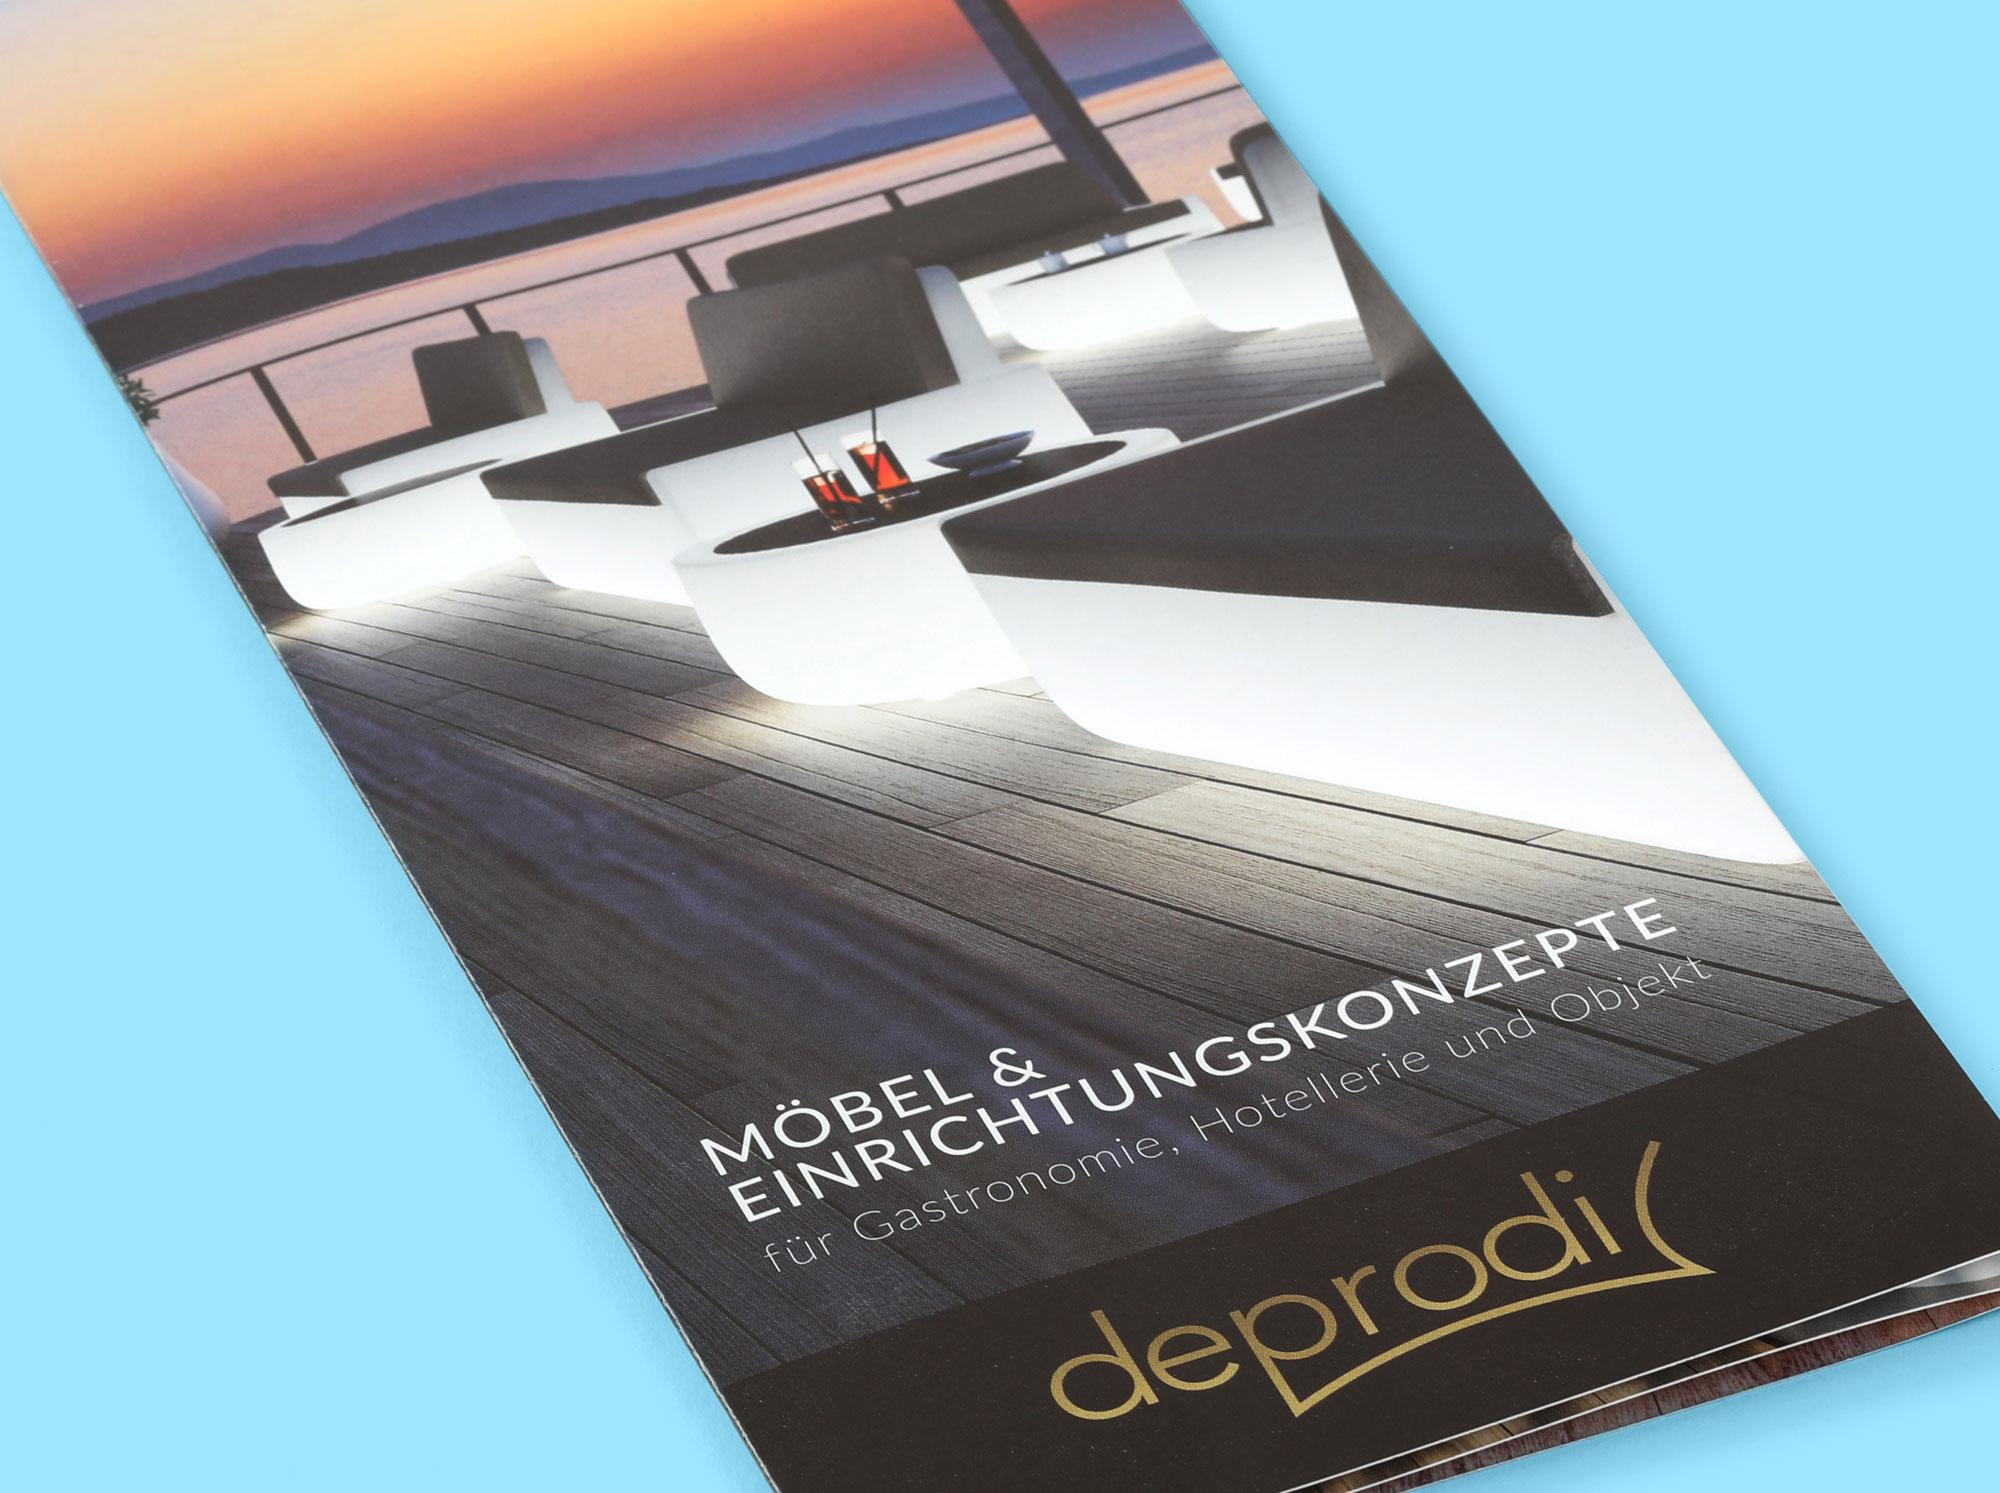 Hüppmeier Marketing und Design GmbH - Referenzen - deprodi Flyer Titel nah